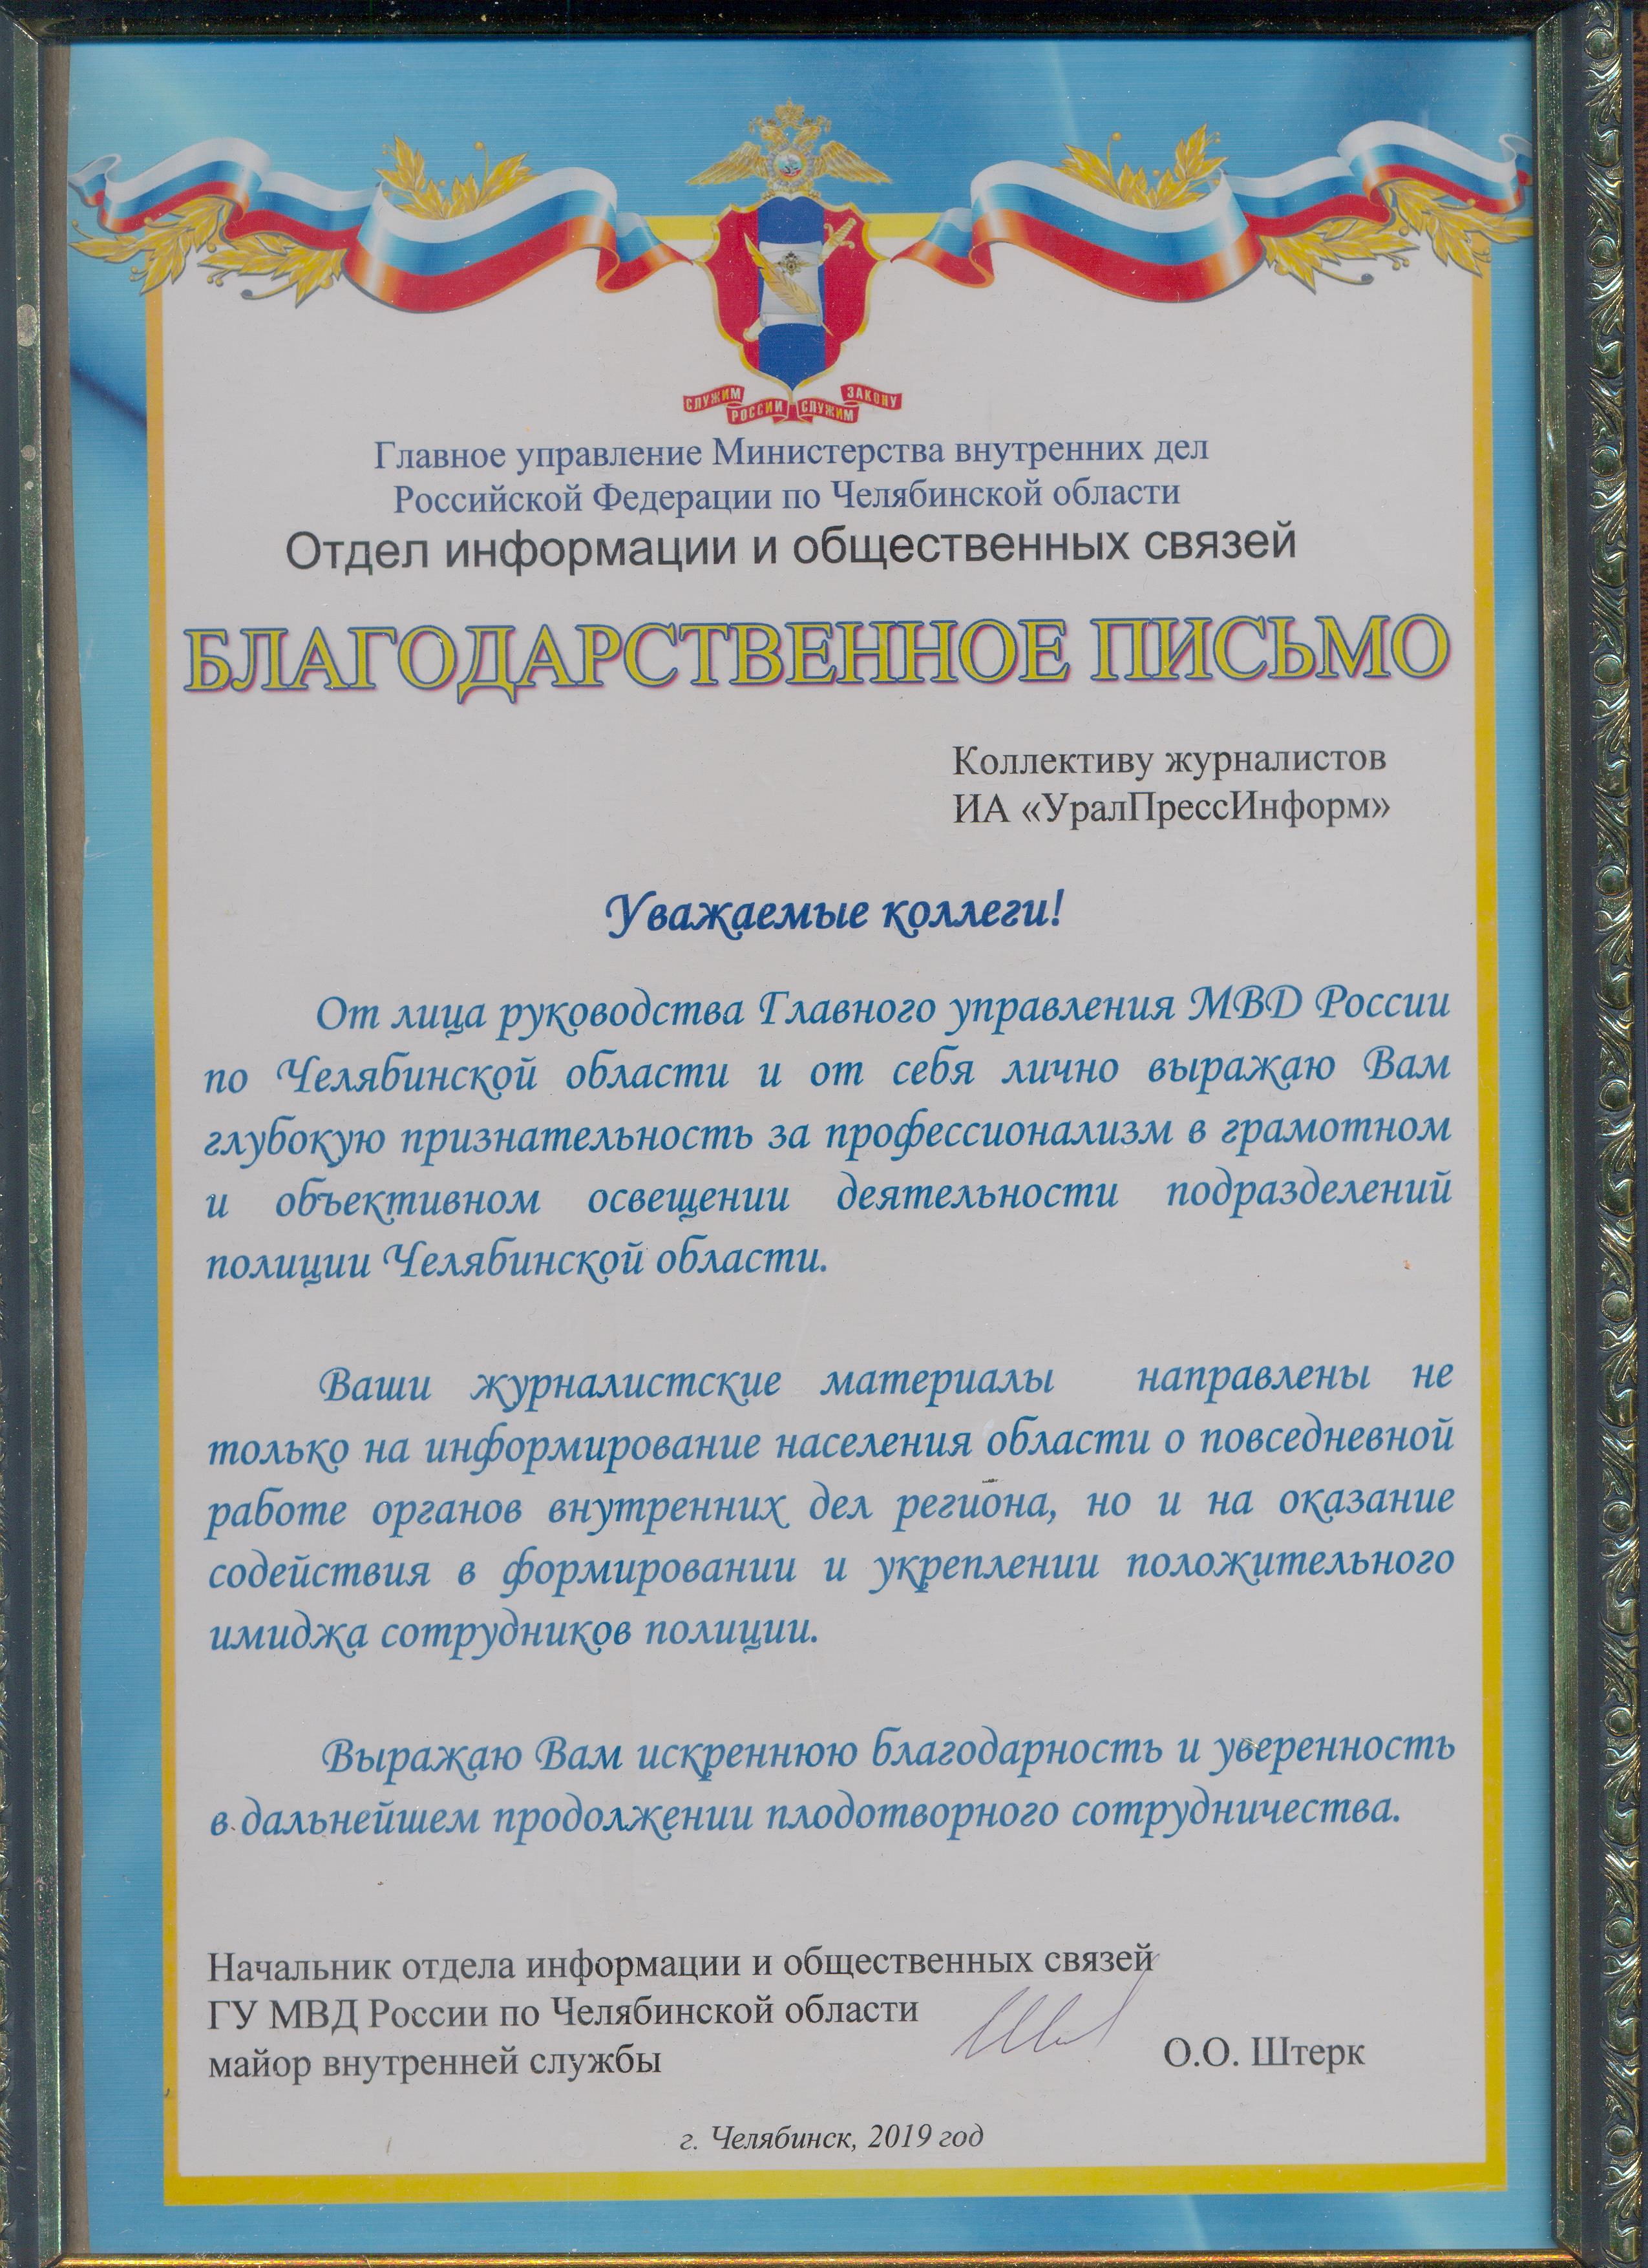 2019   Главное управление Министерства внутренних дел Российской Федерации по Челябинской области